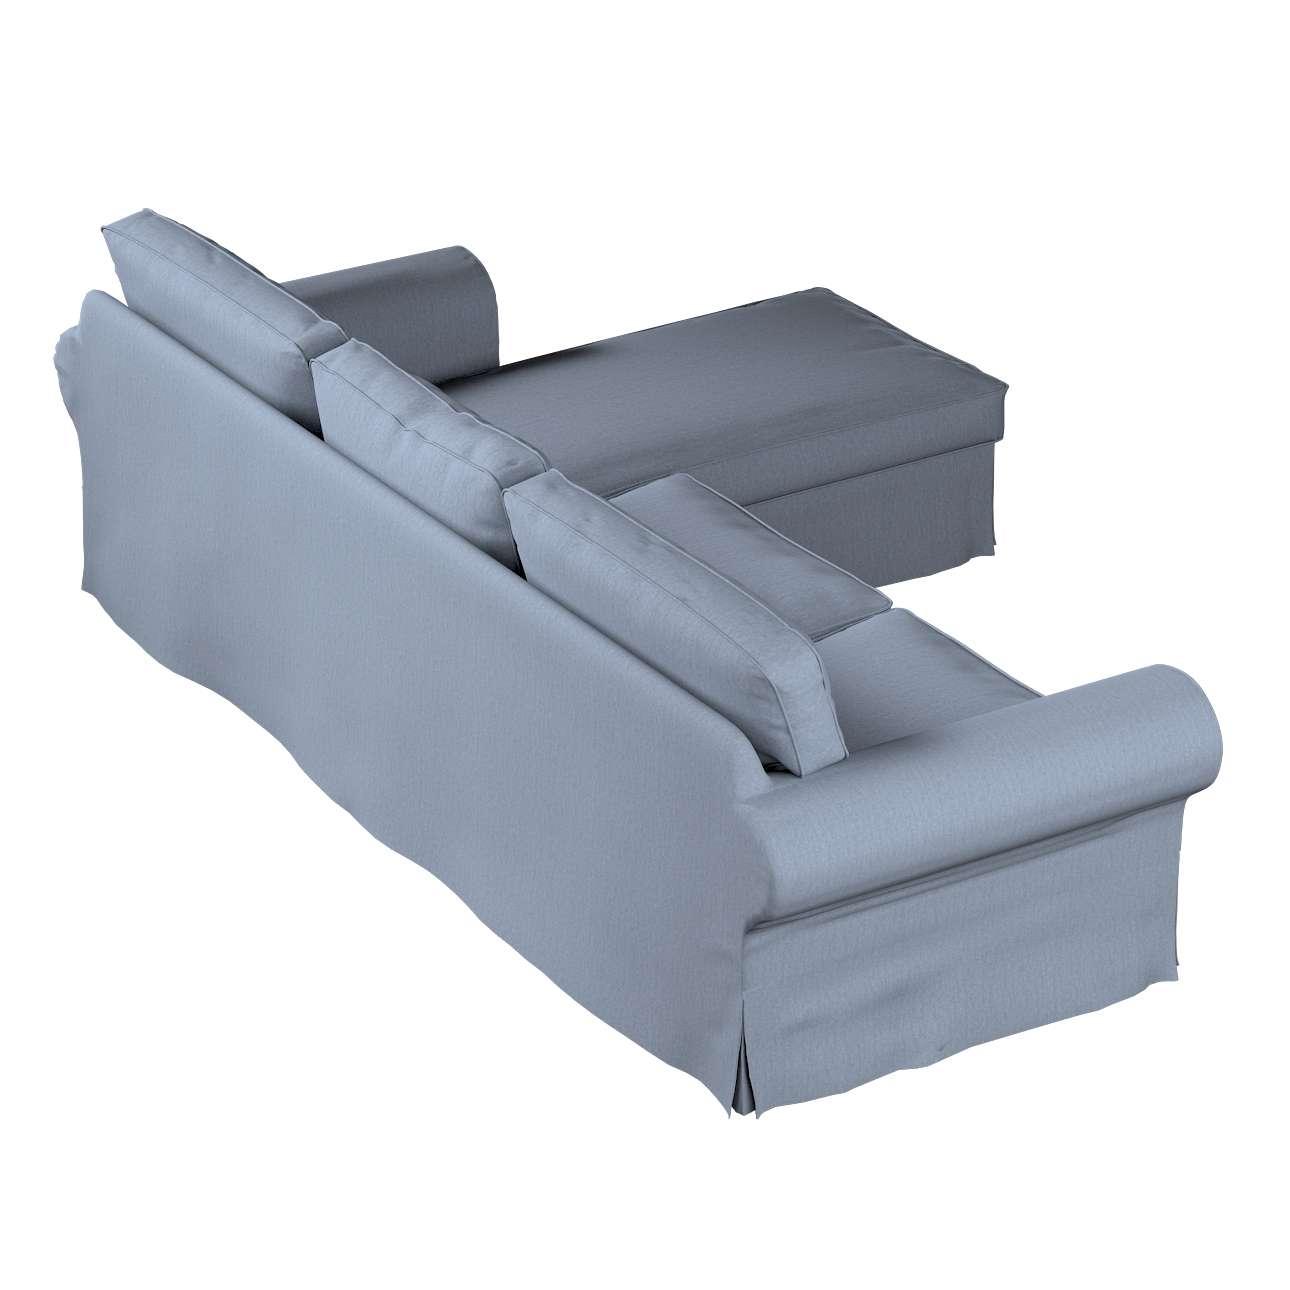 Pokrowiec na sofę Ektorp 2-osobową i leżankę w kolekcji Chenille, tkanina: 702-13